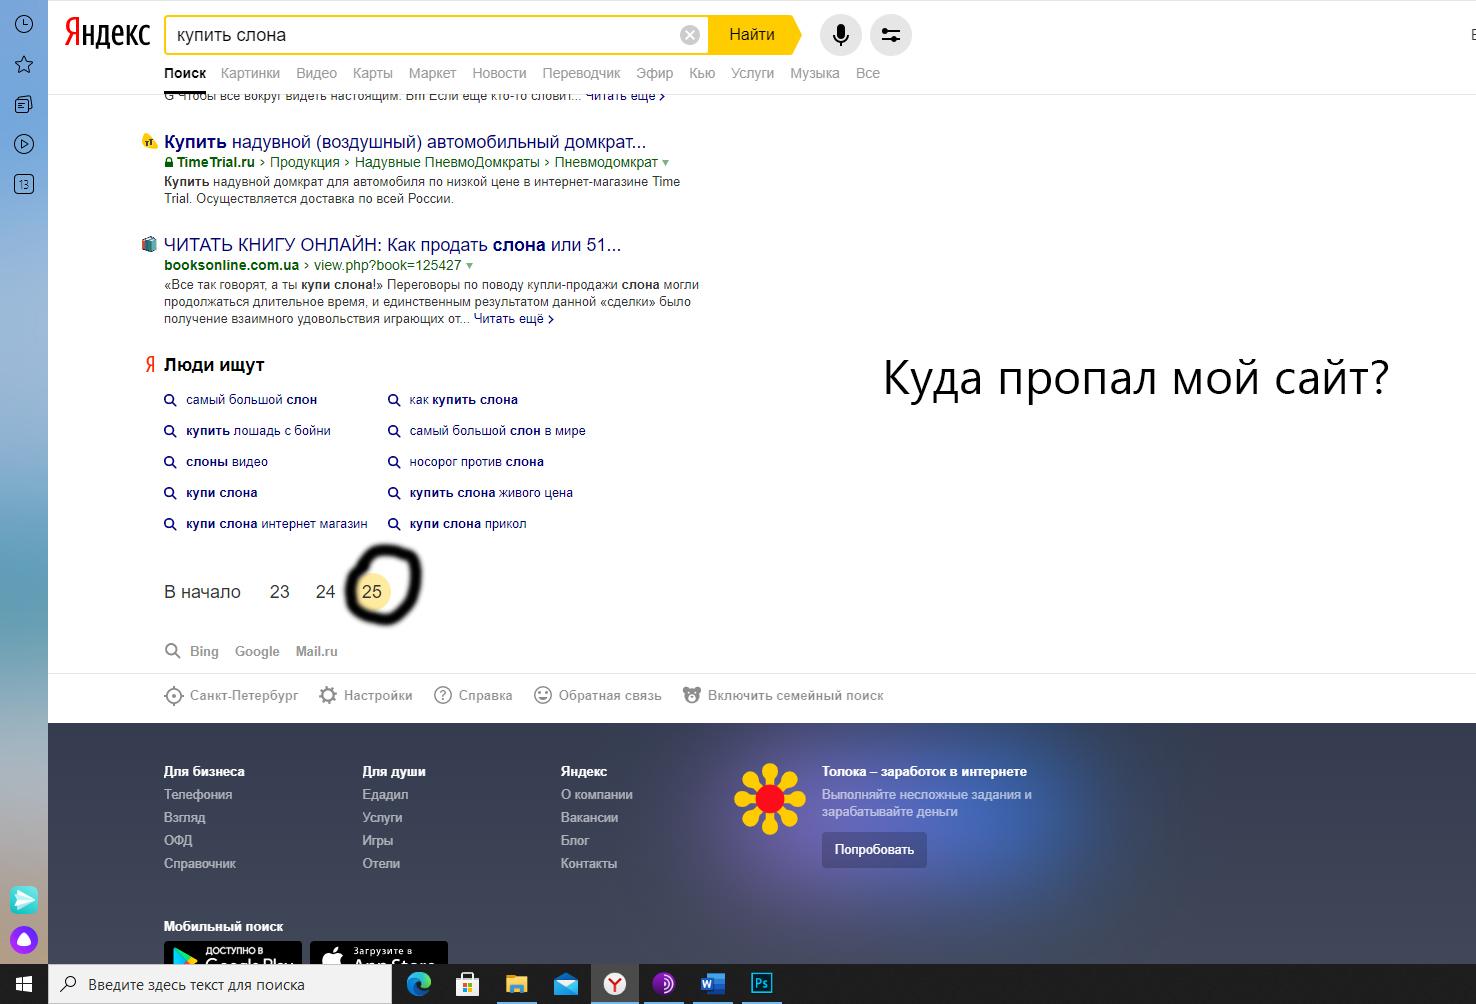 Поведенческие факторы на сайт Суворовская улица сайт который продает ссылки